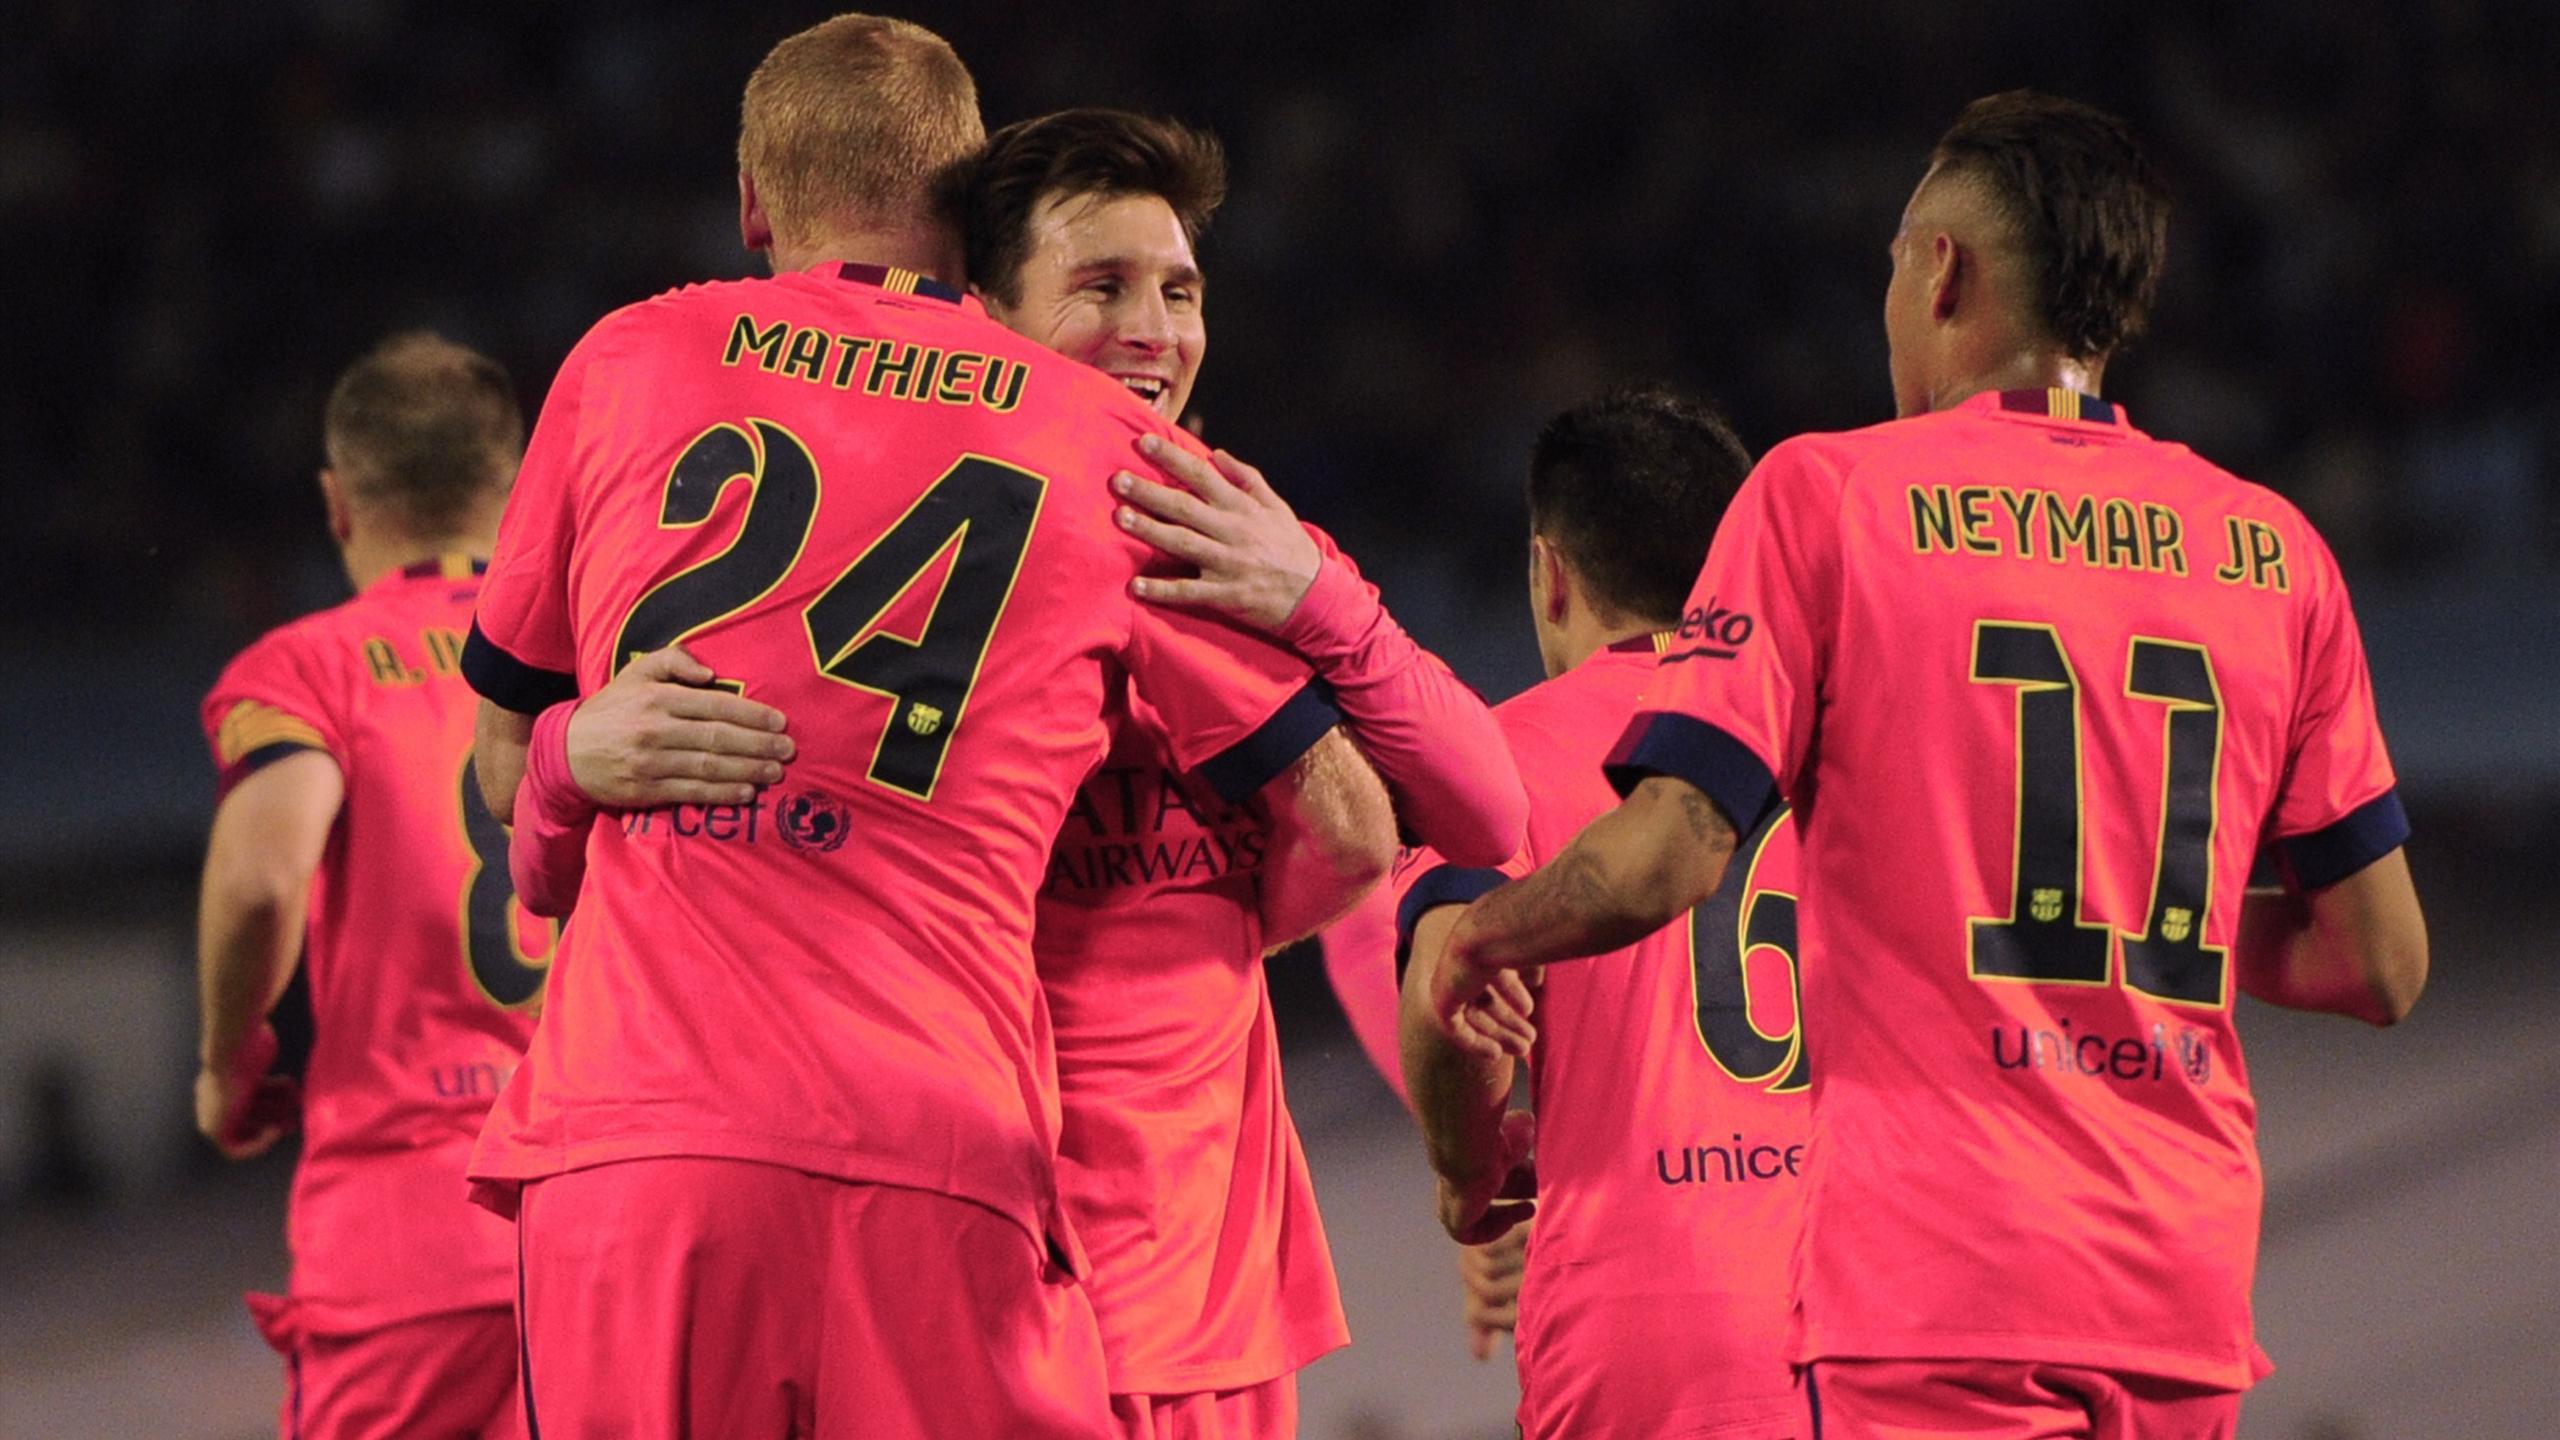 Anche la Pulce perde la pazienza: dopo l'ennesimo fallo Messi insulta l'arbitro